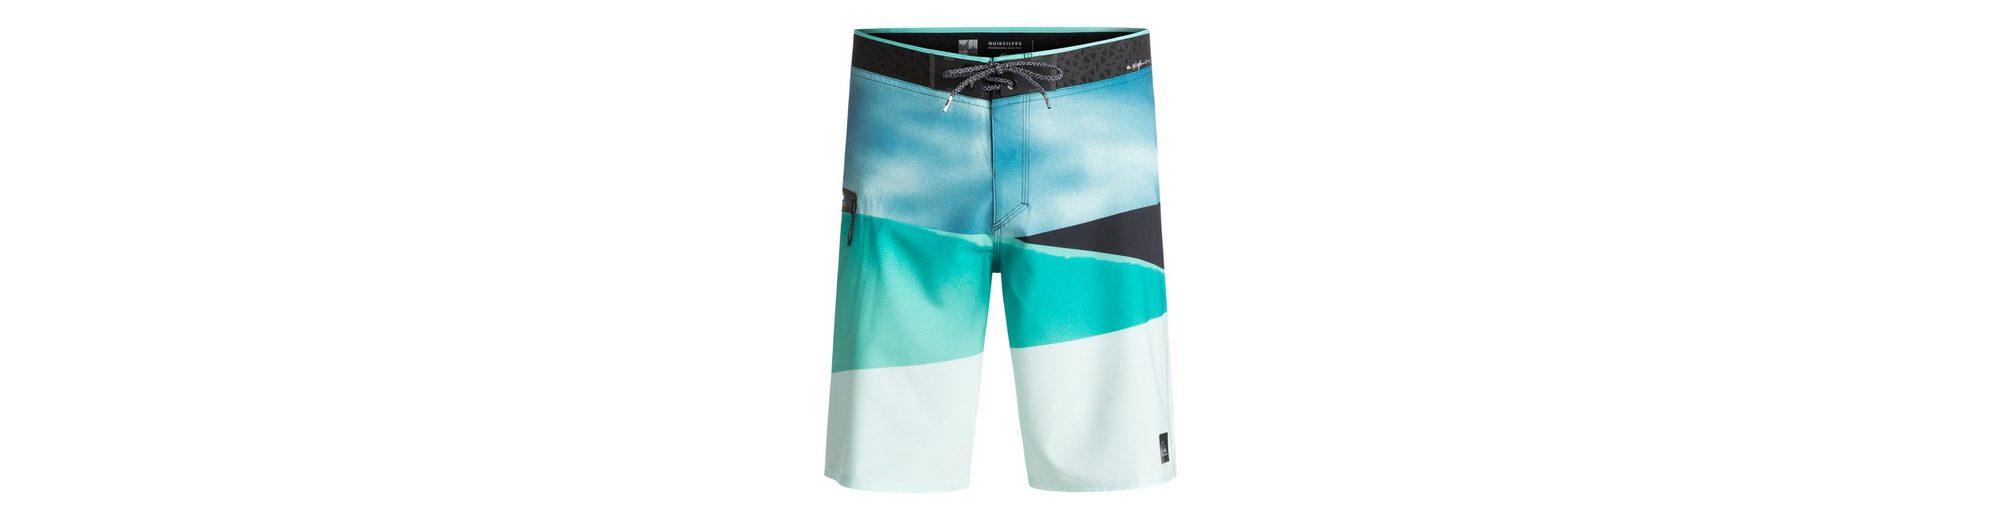 Quiksilver Boardshorts Slash Vee 20 Sneakernews Verkauf Online Neue Stile  Wo Zu Kaufen Auslass Auslass Neue Ankunft r9no3FQE